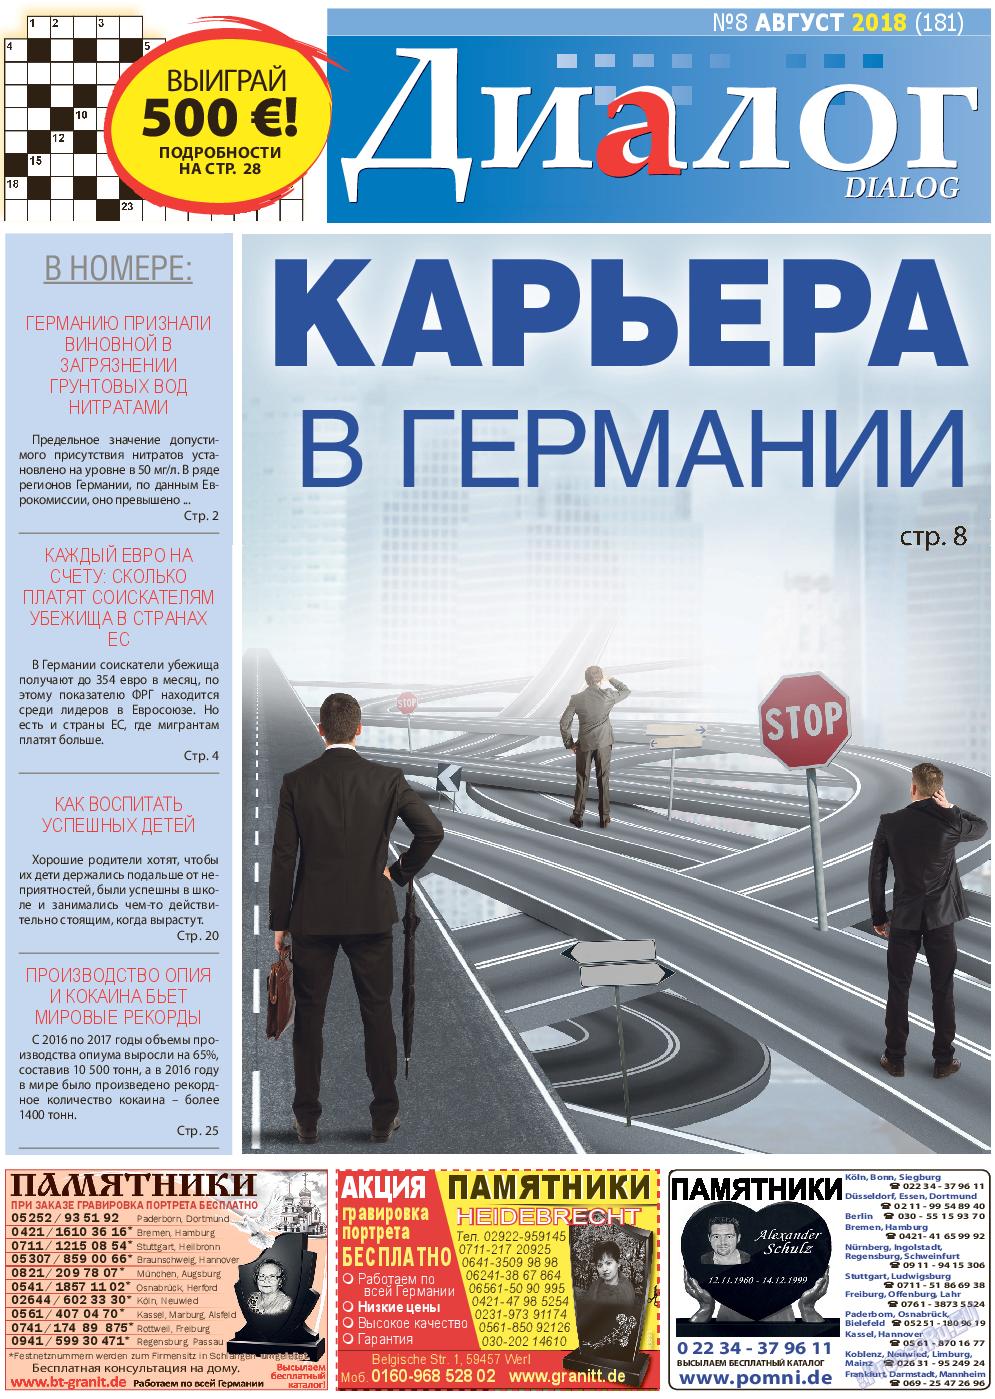 Диалог (газета). 2018 год, номер 8, стр. 1